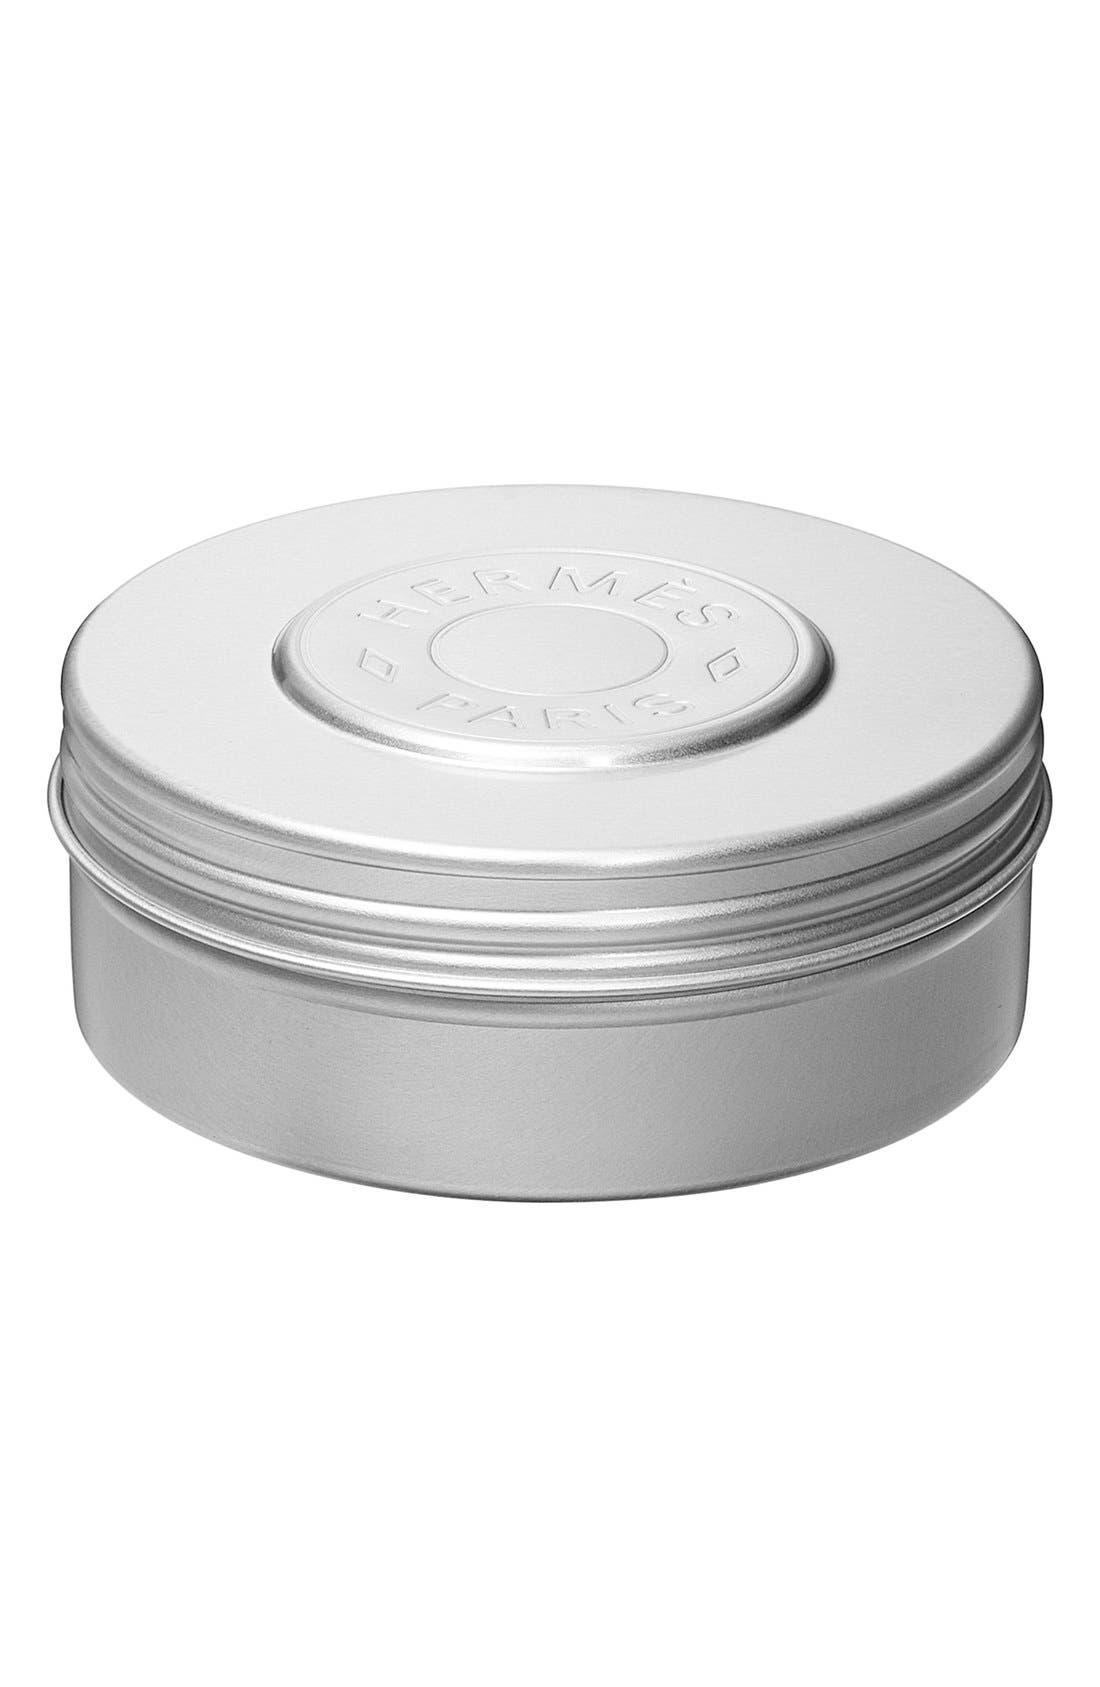 Eau de Rhubarbe Écarlate - Face and body moisturizing balm,                             Main thumbnail 1, color,                             000